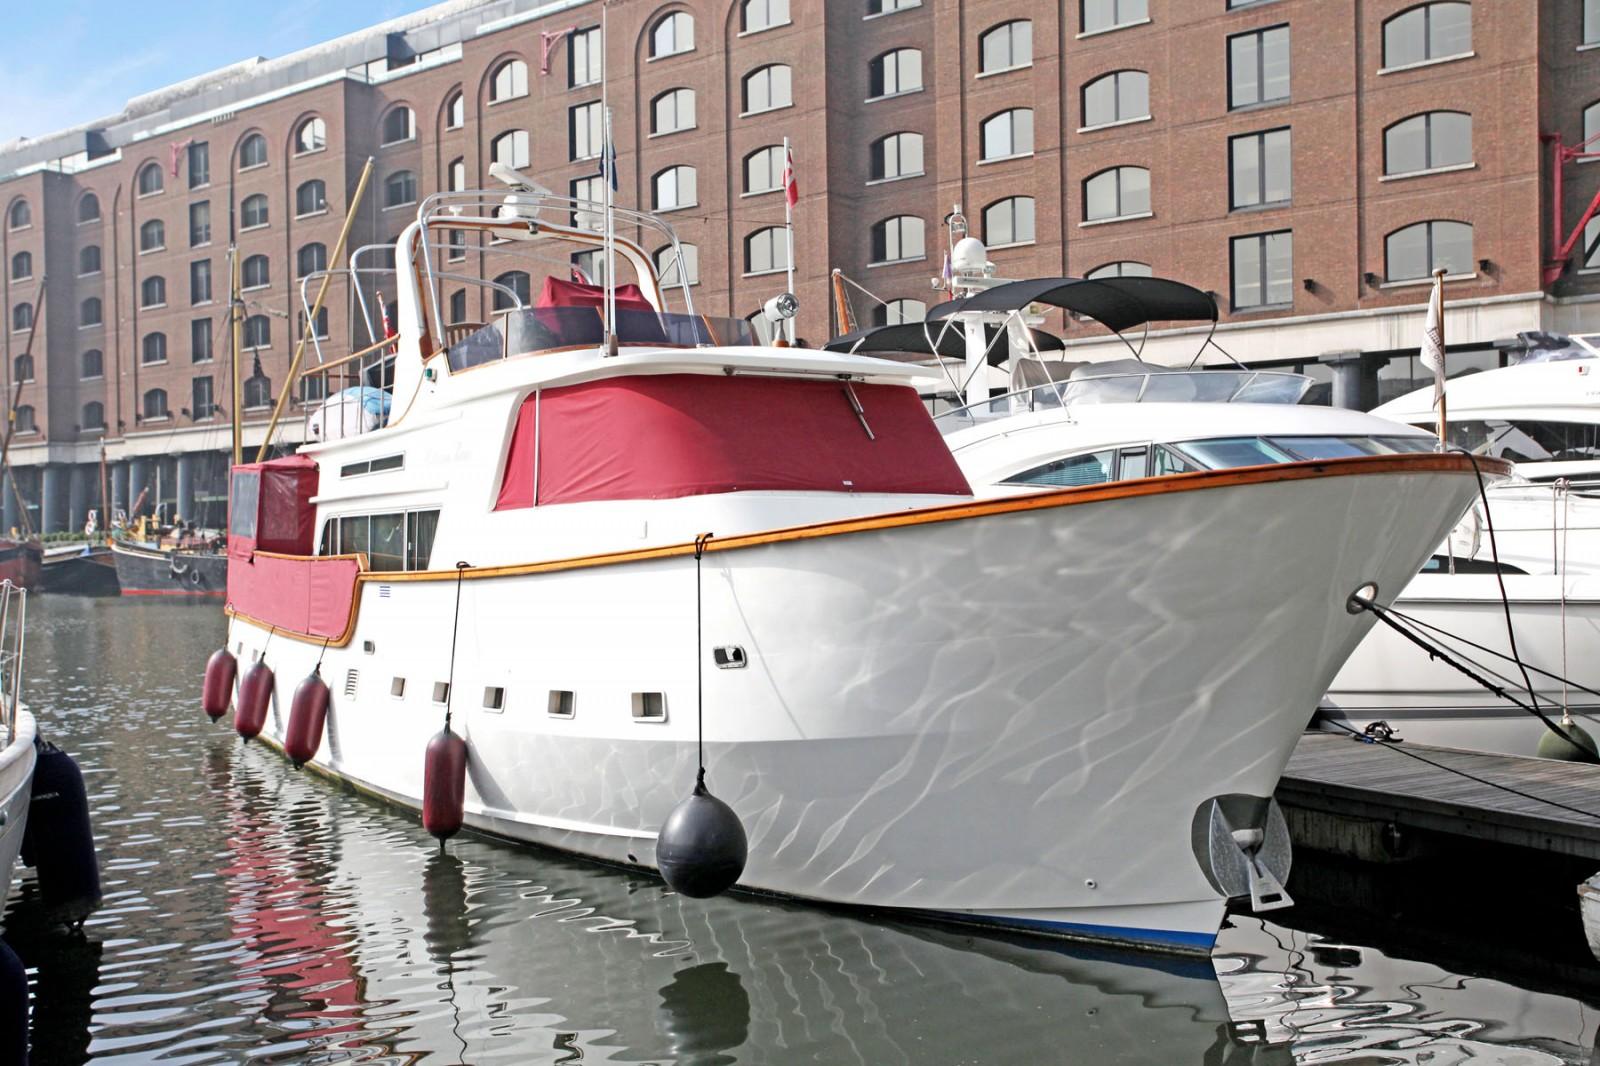 St Katharine dock yacht